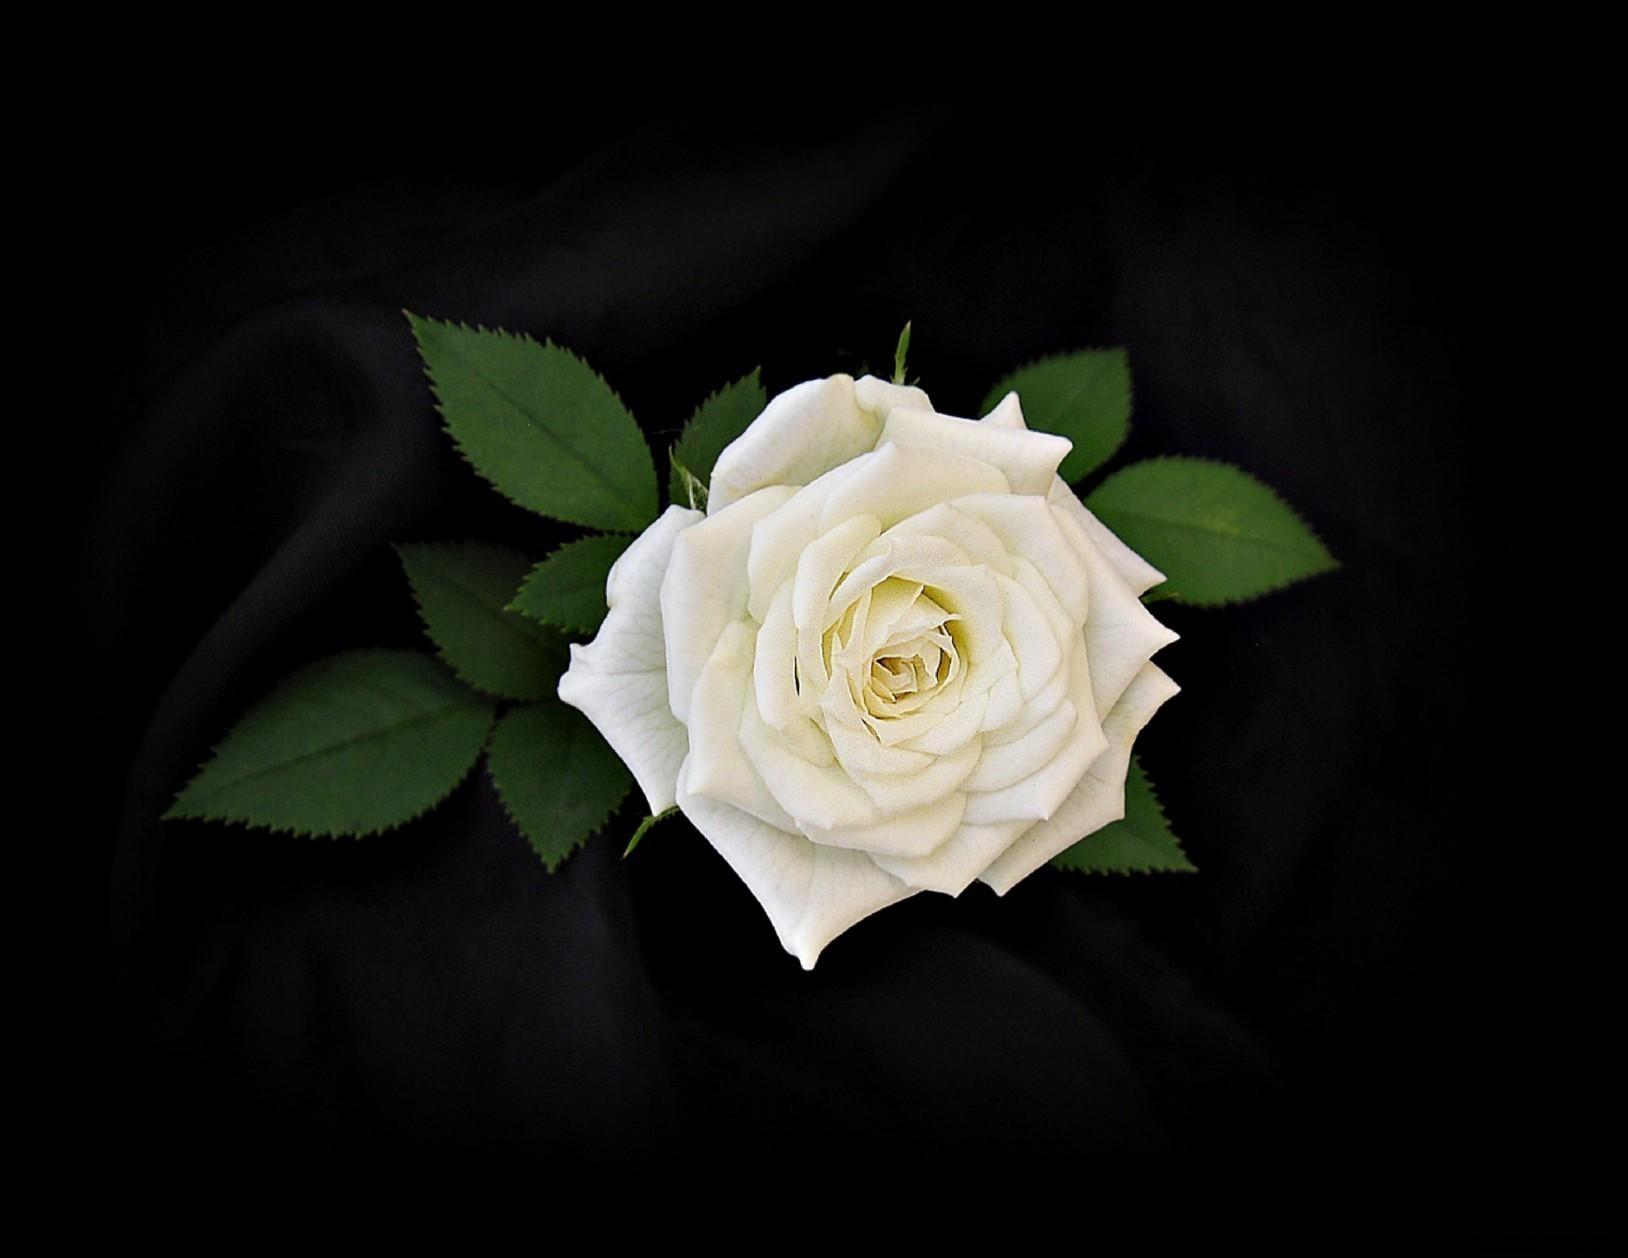 150280 Hintergrundbild herunterladen Schwarzer Hintergrund, Blumen, Blätter, Blume, Rose - Bildschirmschoner und Bilder kostenlos